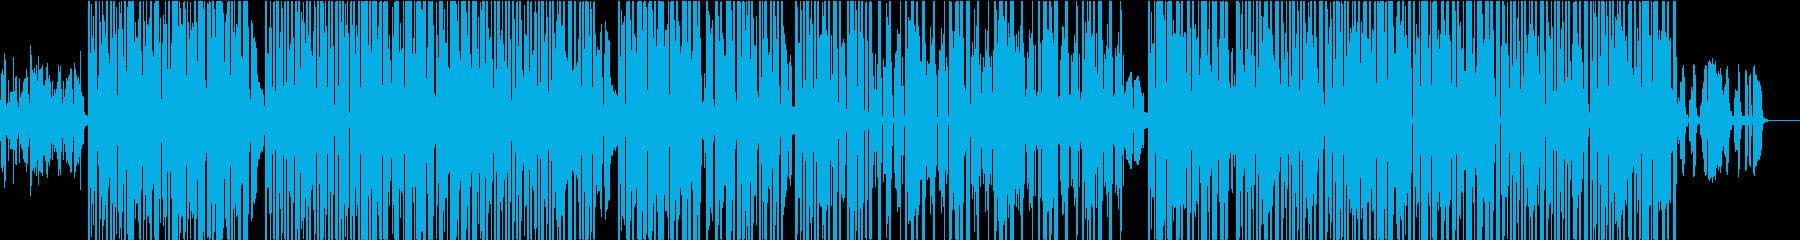 オープニング・ジャズギター・ヒップホップの再生済みの波形